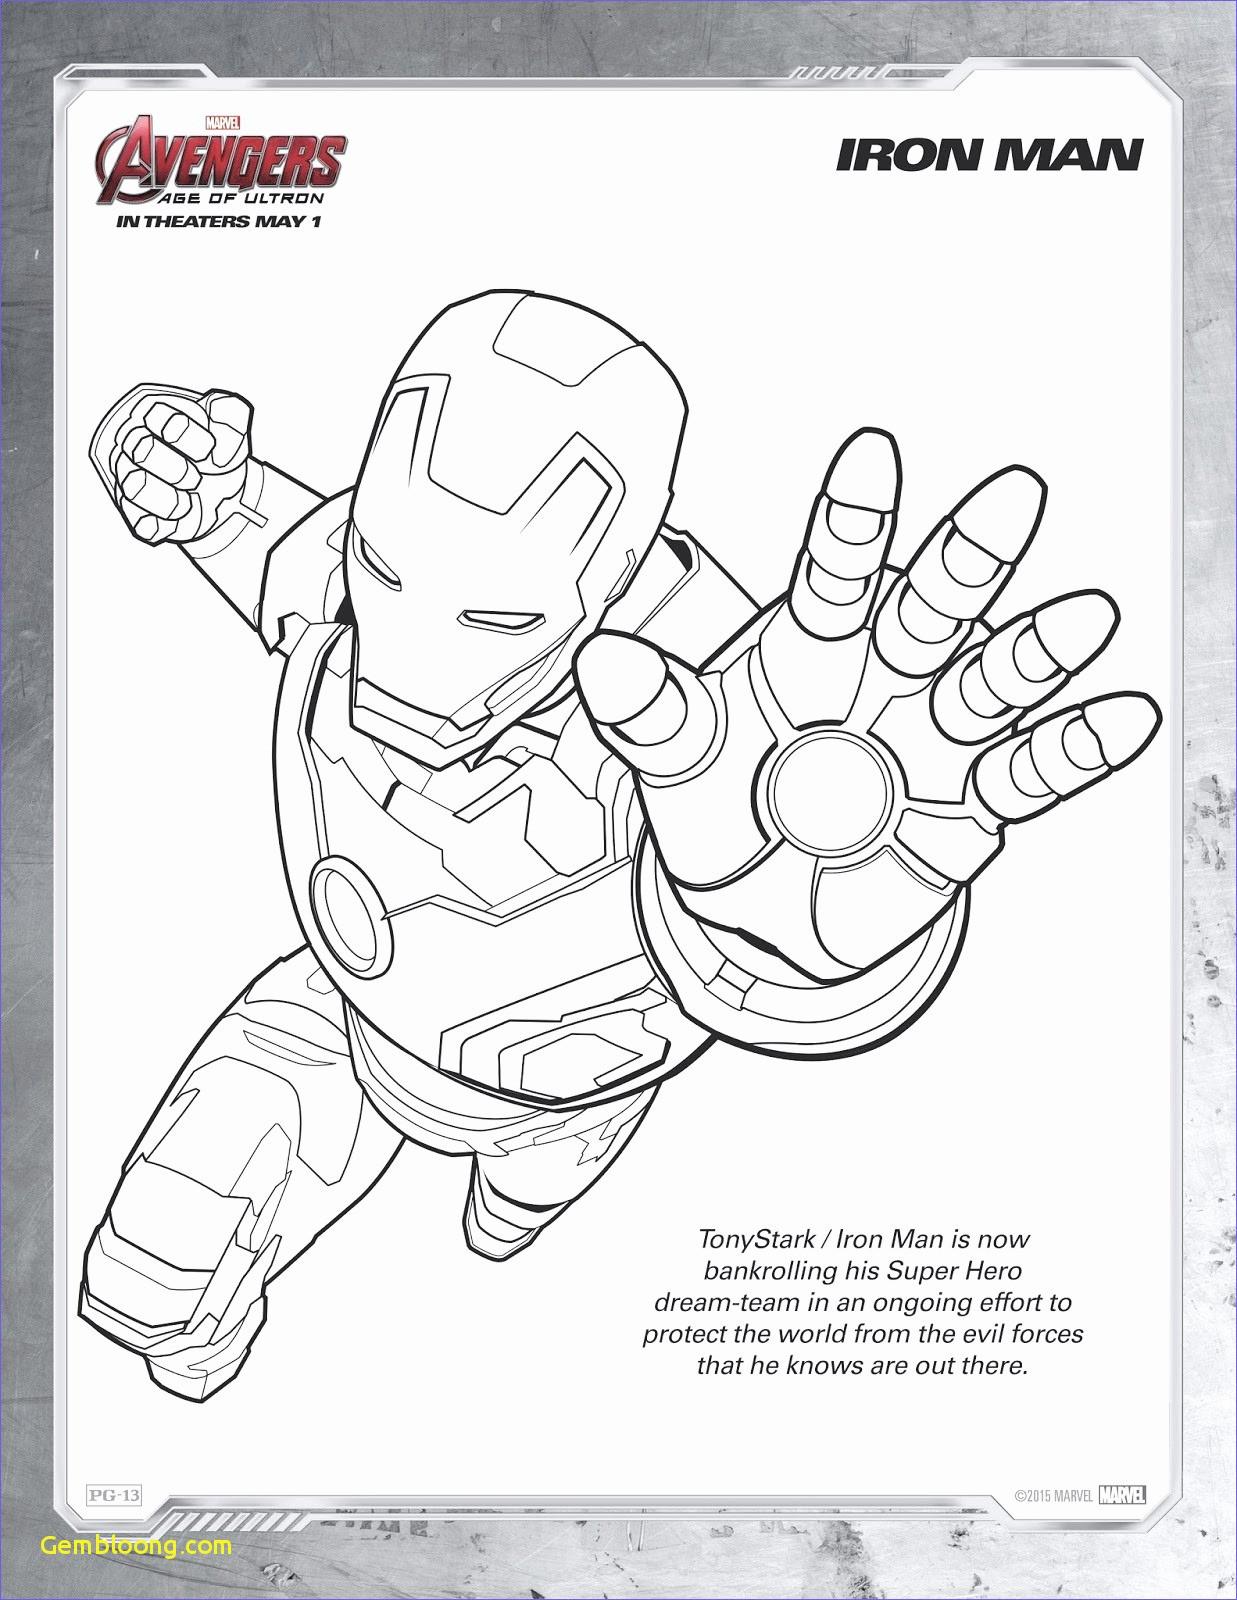 Winnie Pooh Baby Malvorlagen Inspirierend Lego Marvel Super Heroes Ausmalbilder Frisch Avengers Ausmalbilder Fotos